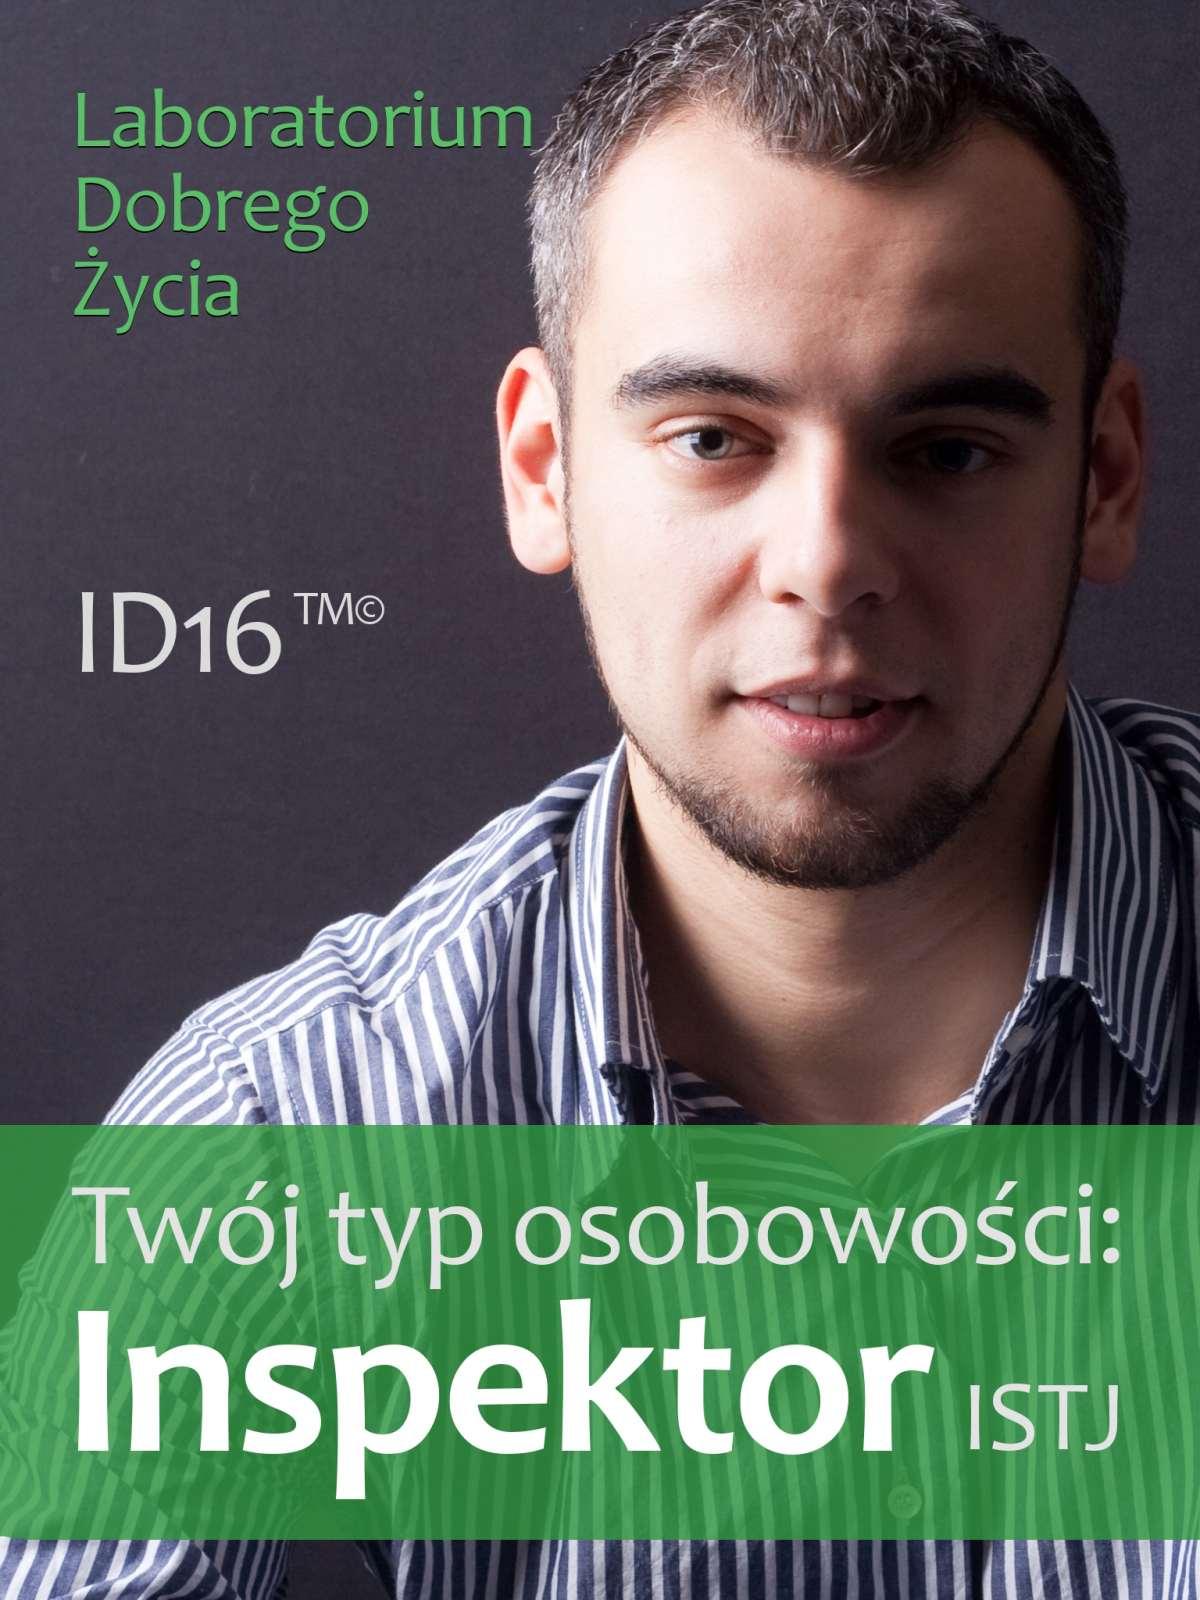 Twój typ osobowości: Inspektor (ISTJ) - Ebook (Książka PDF) do pobrania w formacie PDF